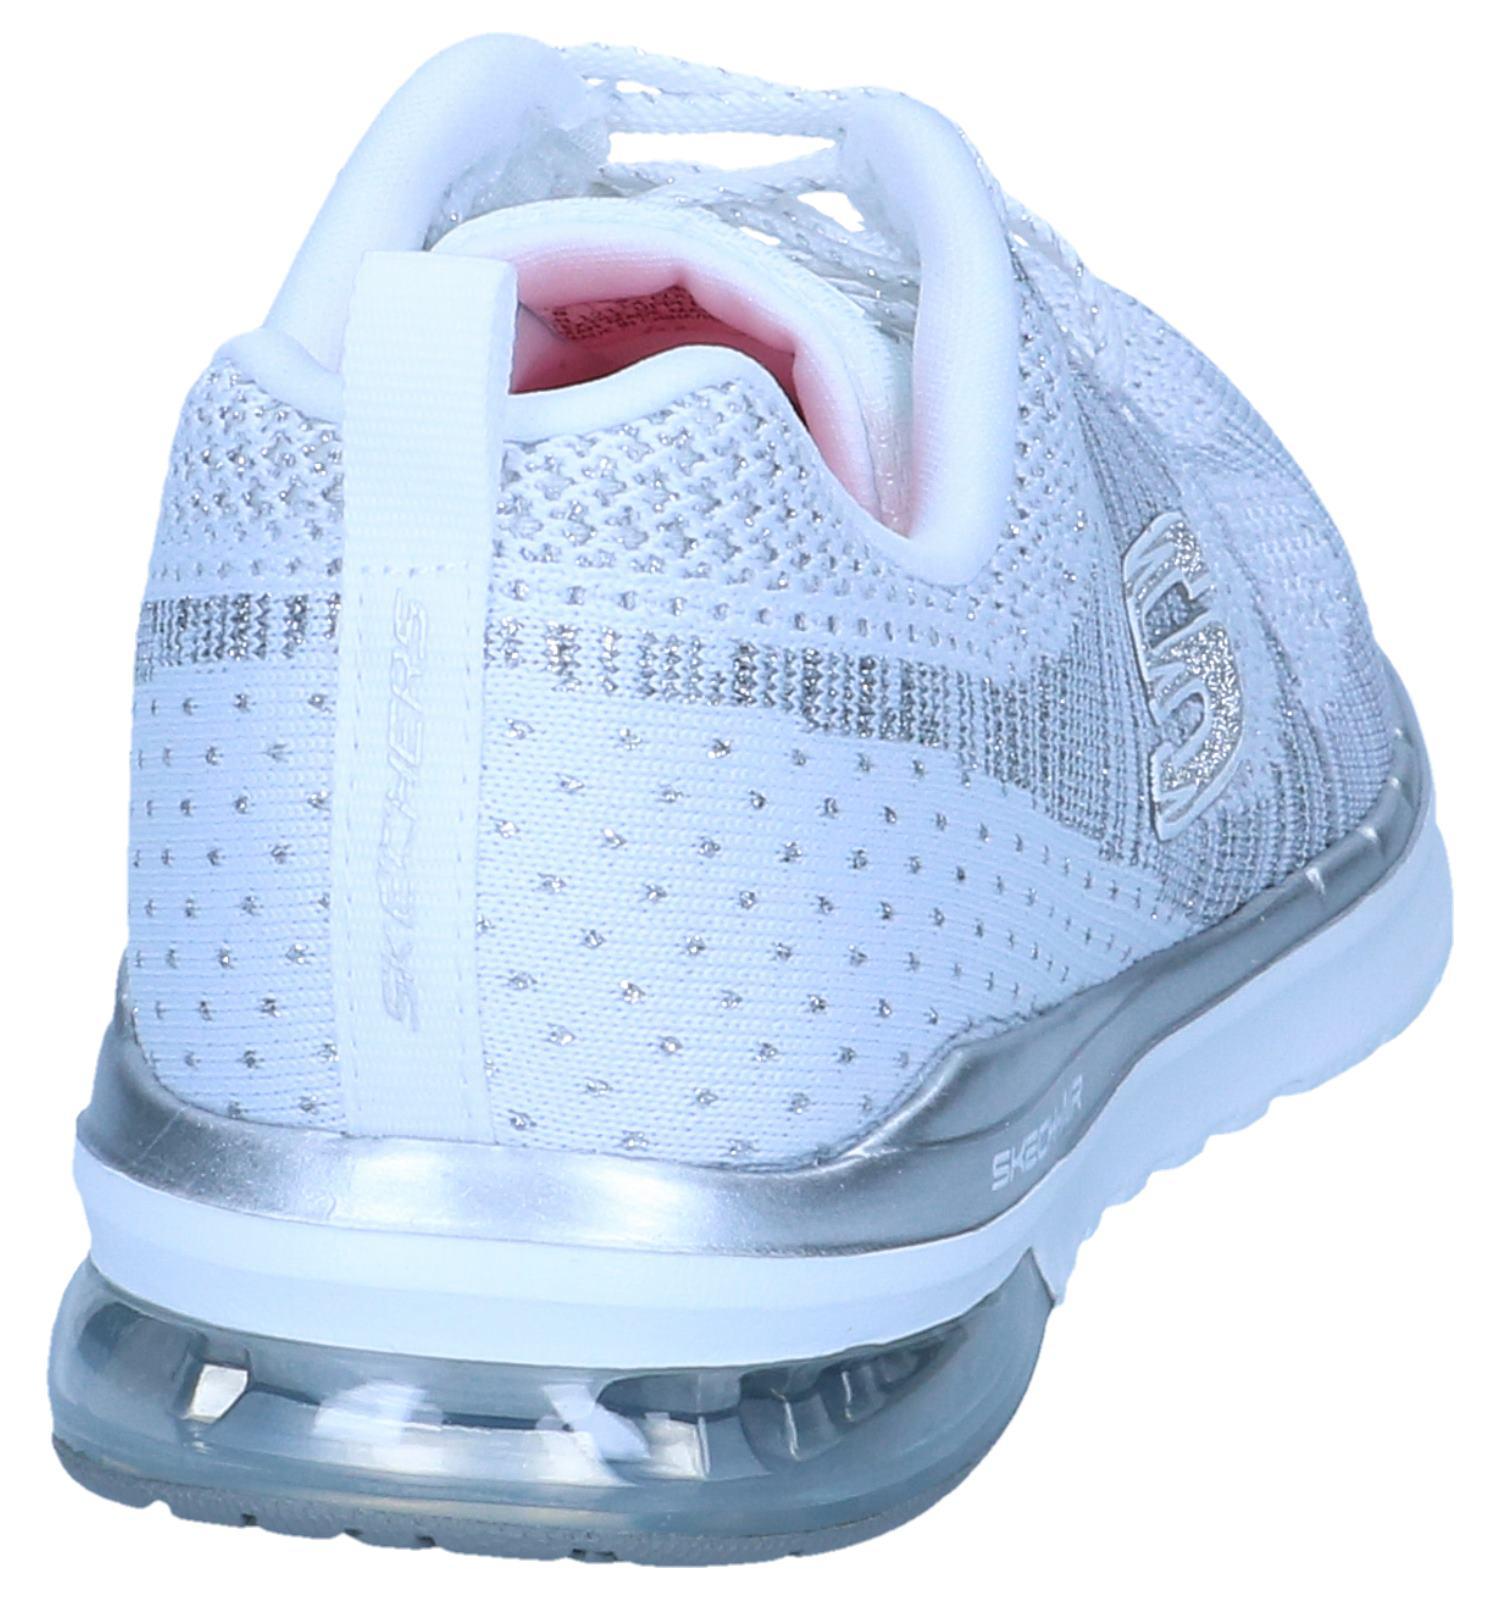 Zilveren Sneakers Skechers | SCHOENENTORFS.NL | Gratis